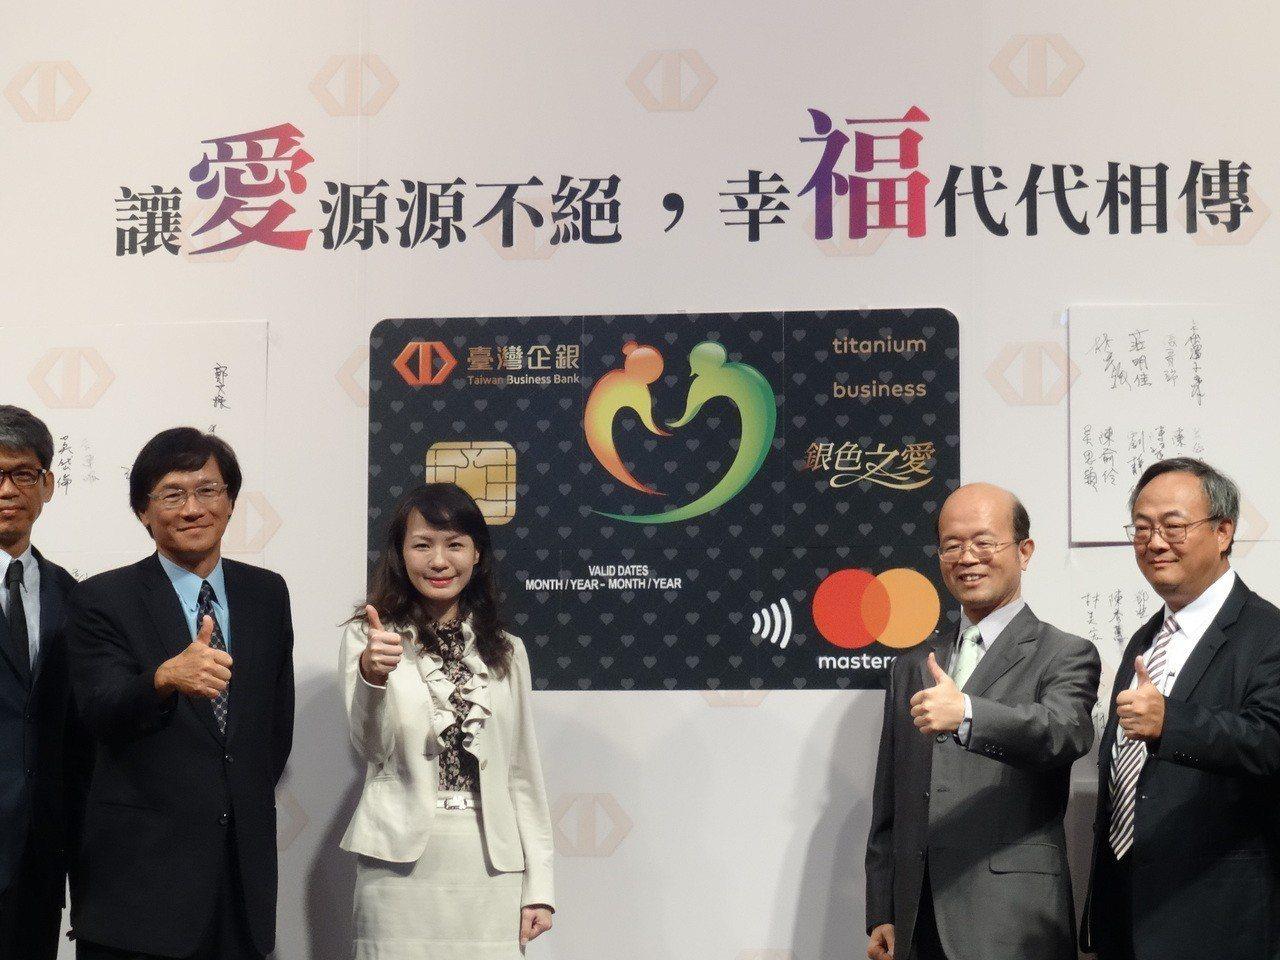 台企銀新上市「銀色之愛」的銀髮照護公益信用卡,董事長黃博怡(右二)與總經理施建安...